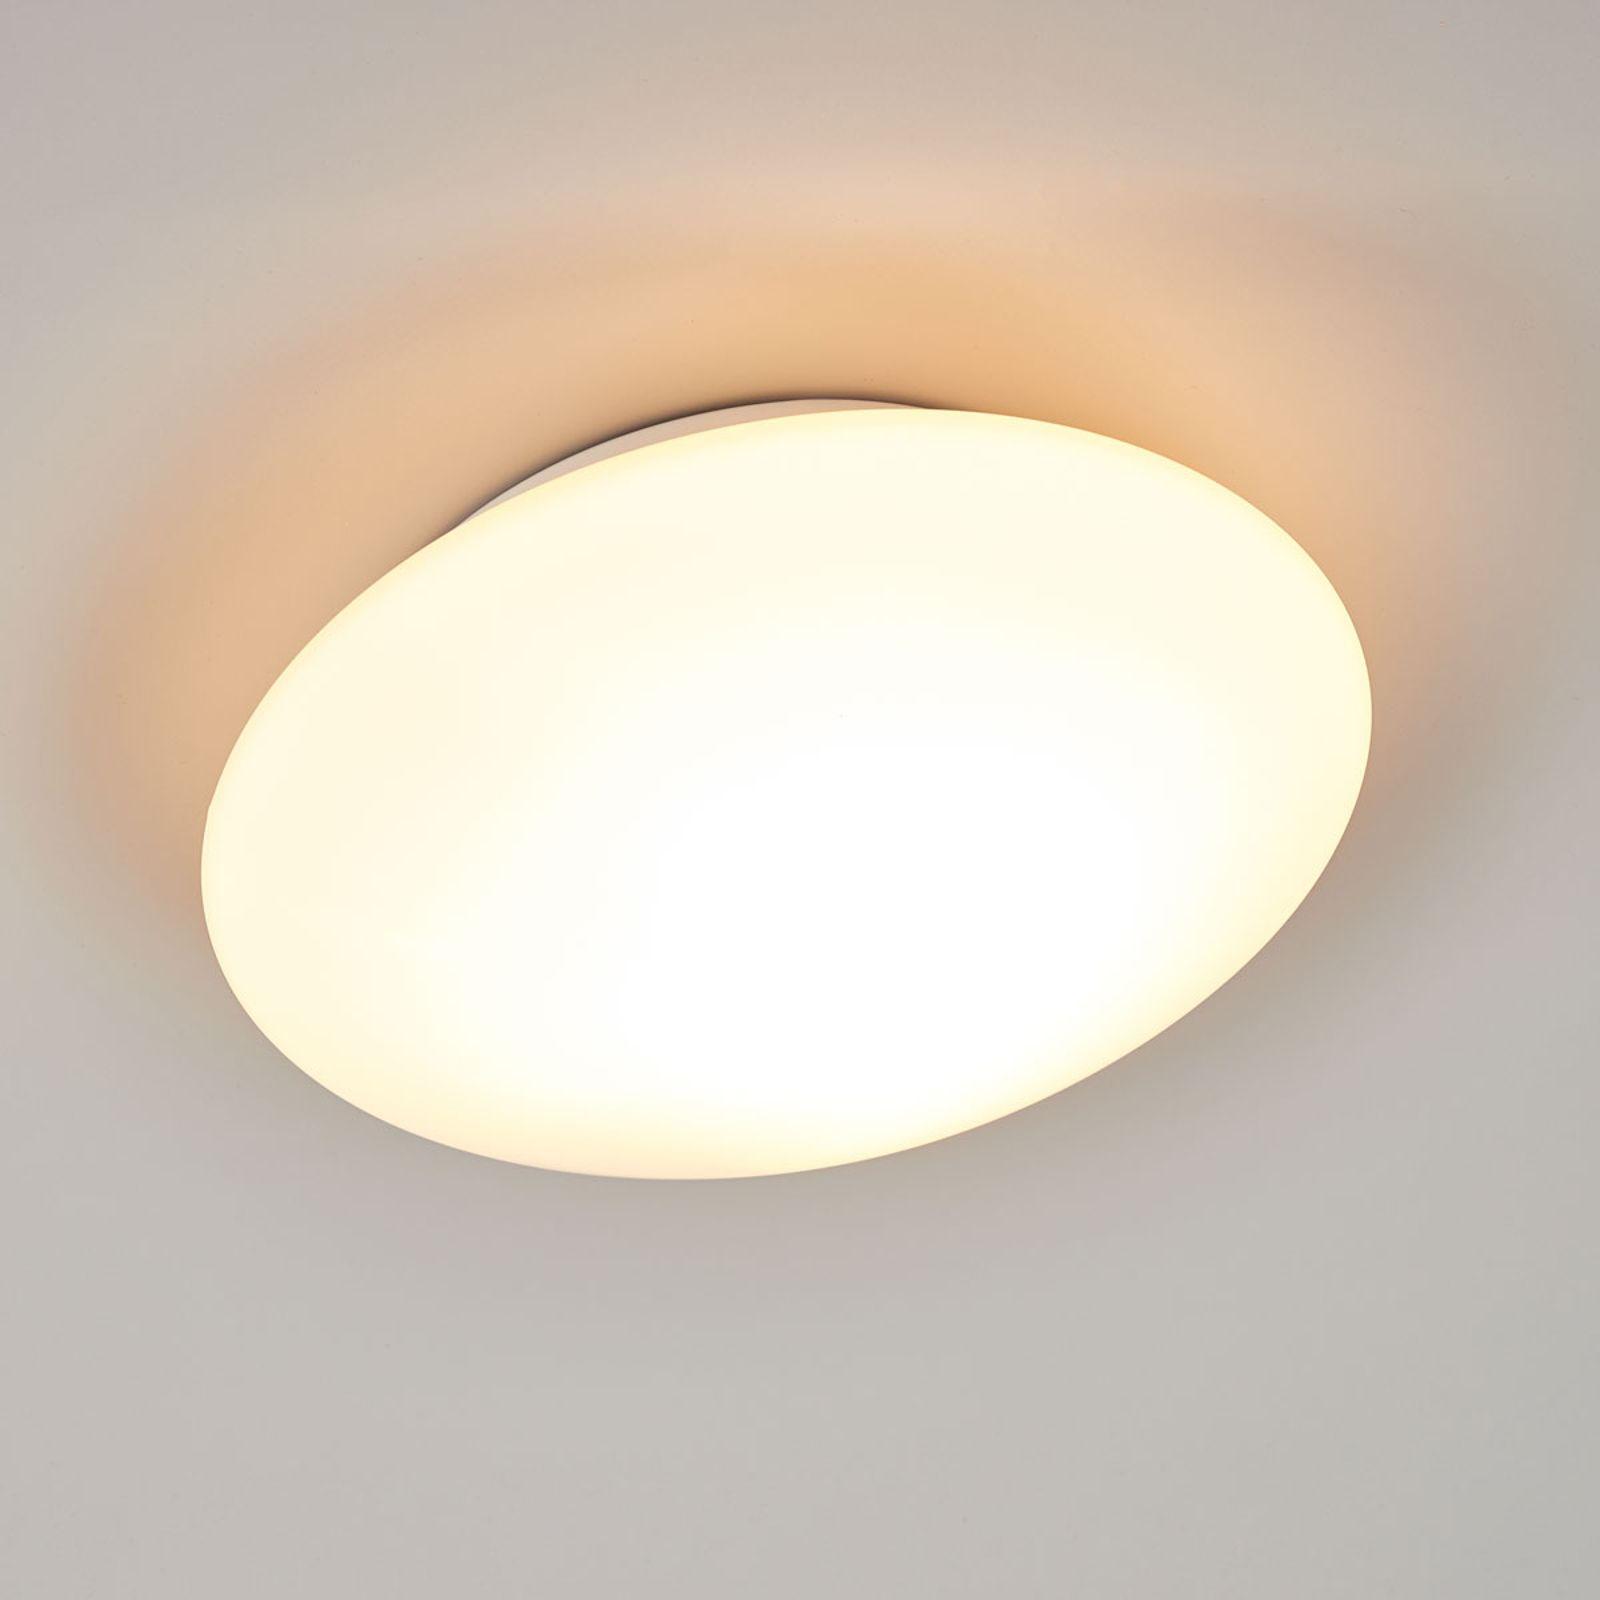 Glass Ceiling Light Opal Beleuchtung Decke Gläserne Decke Glaslampen